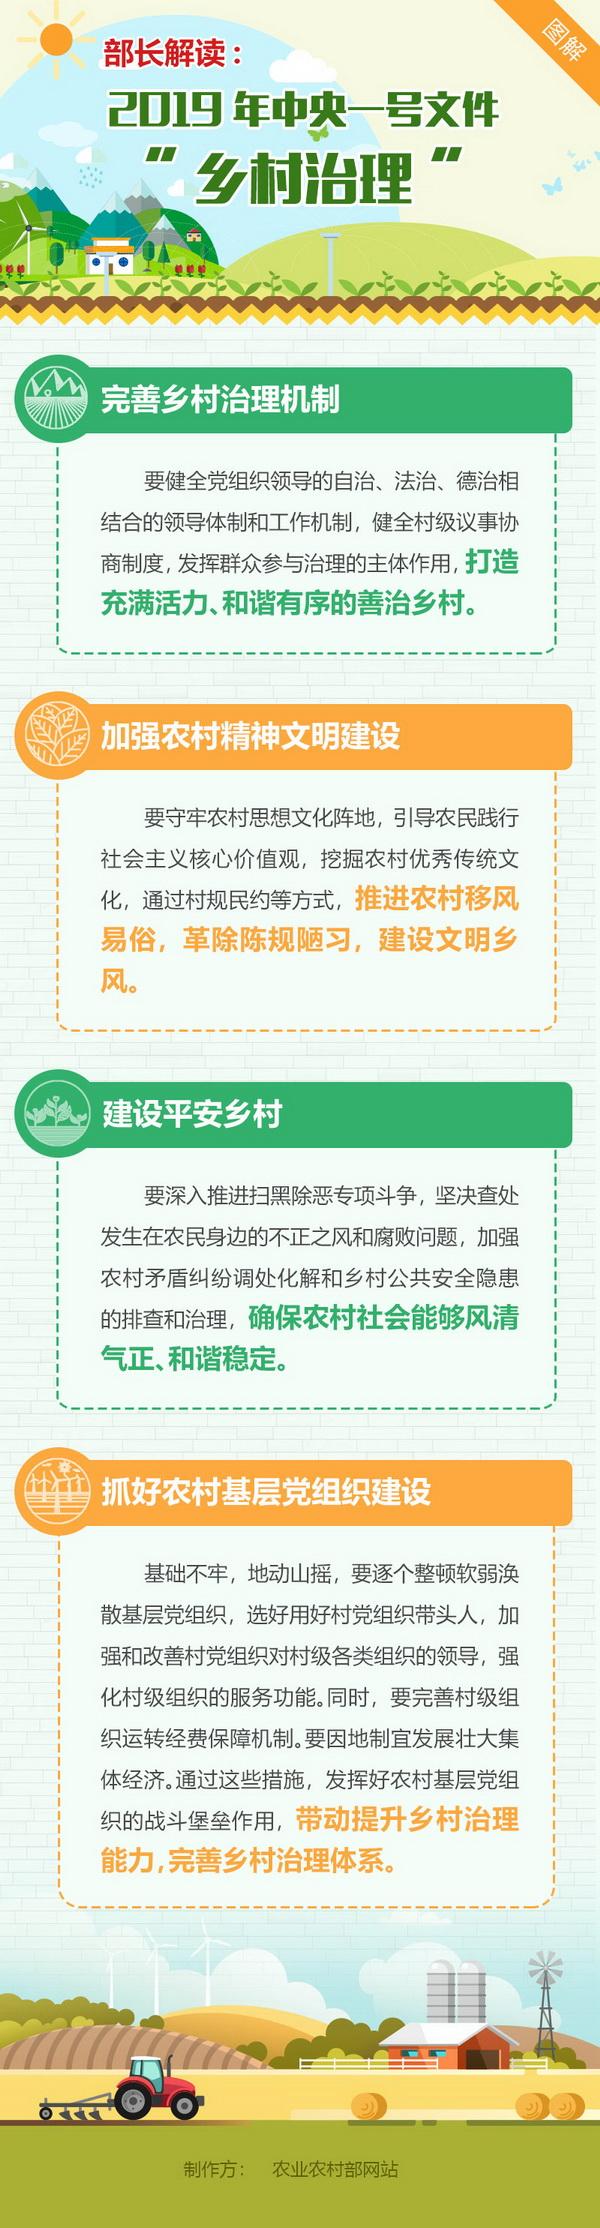 """部长解读:2019年中央一号文件""""乡村治理"""""""